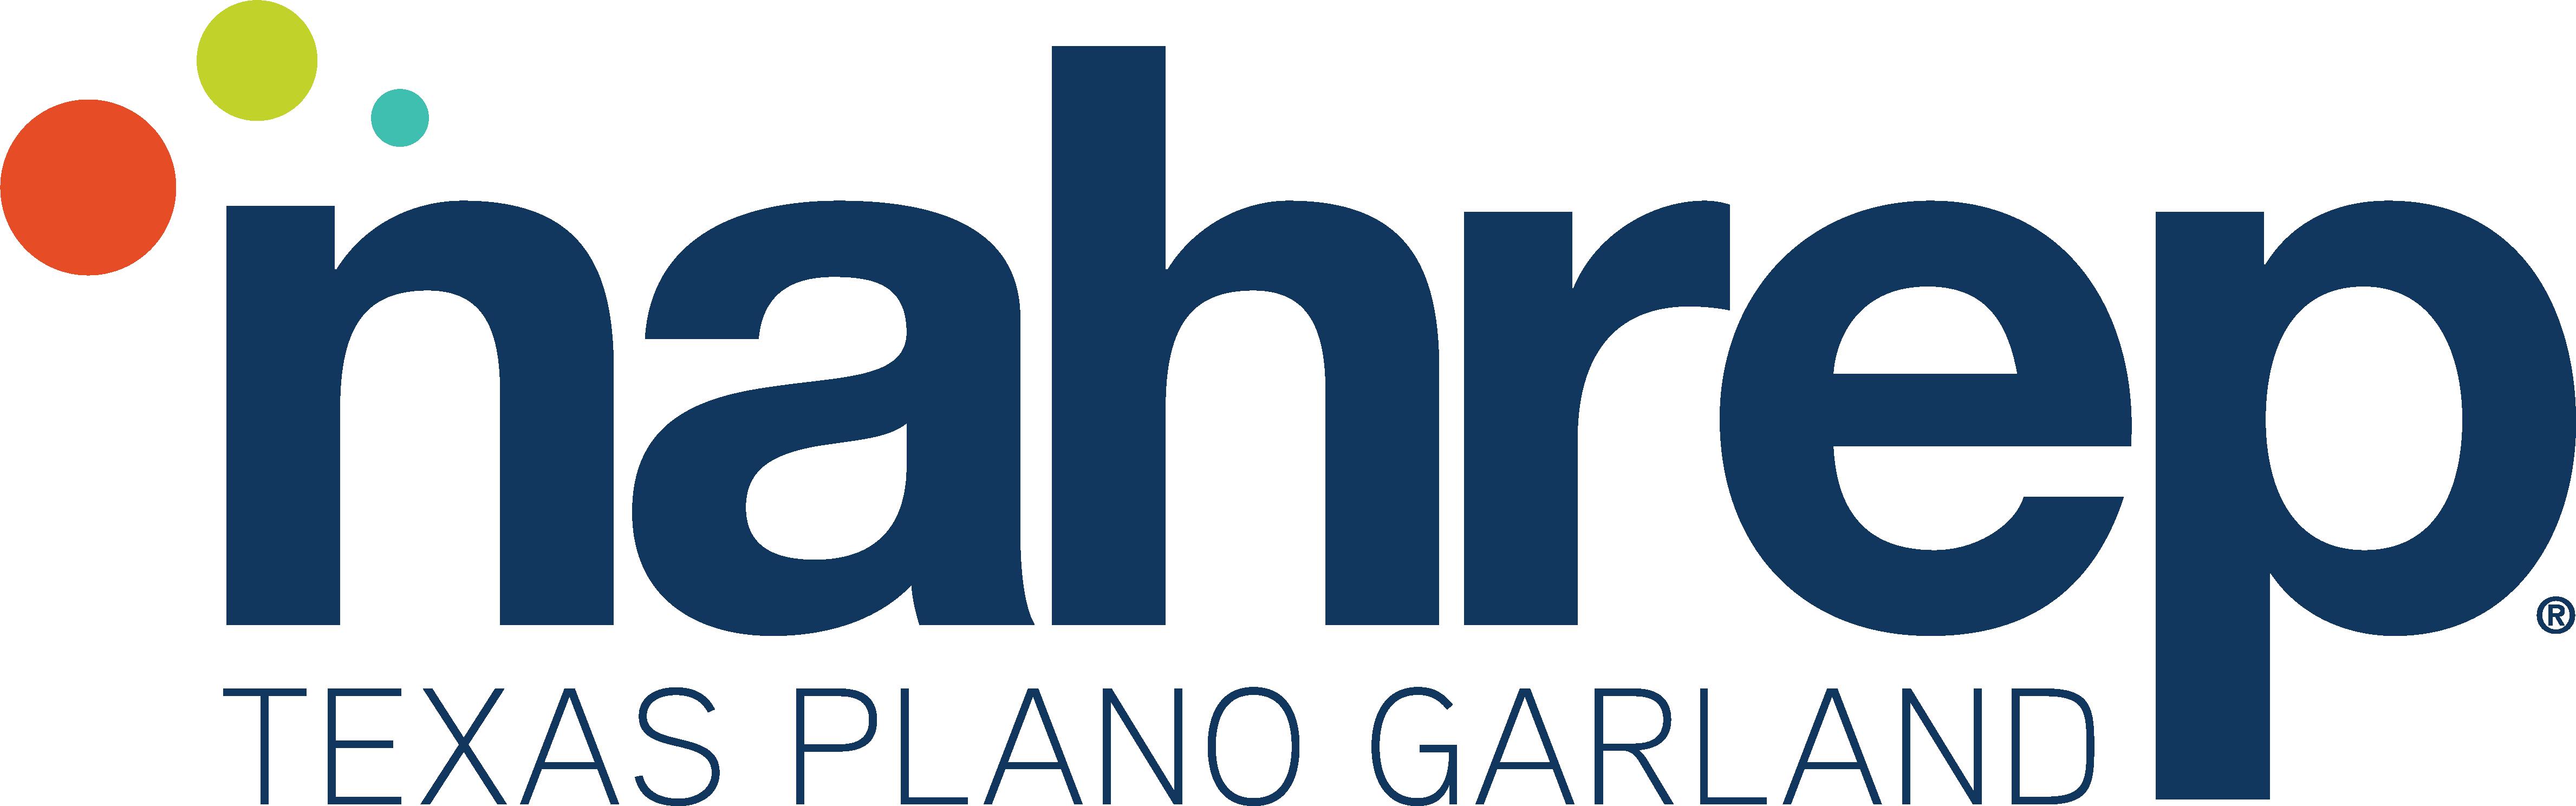 NAHREP Plano Garland